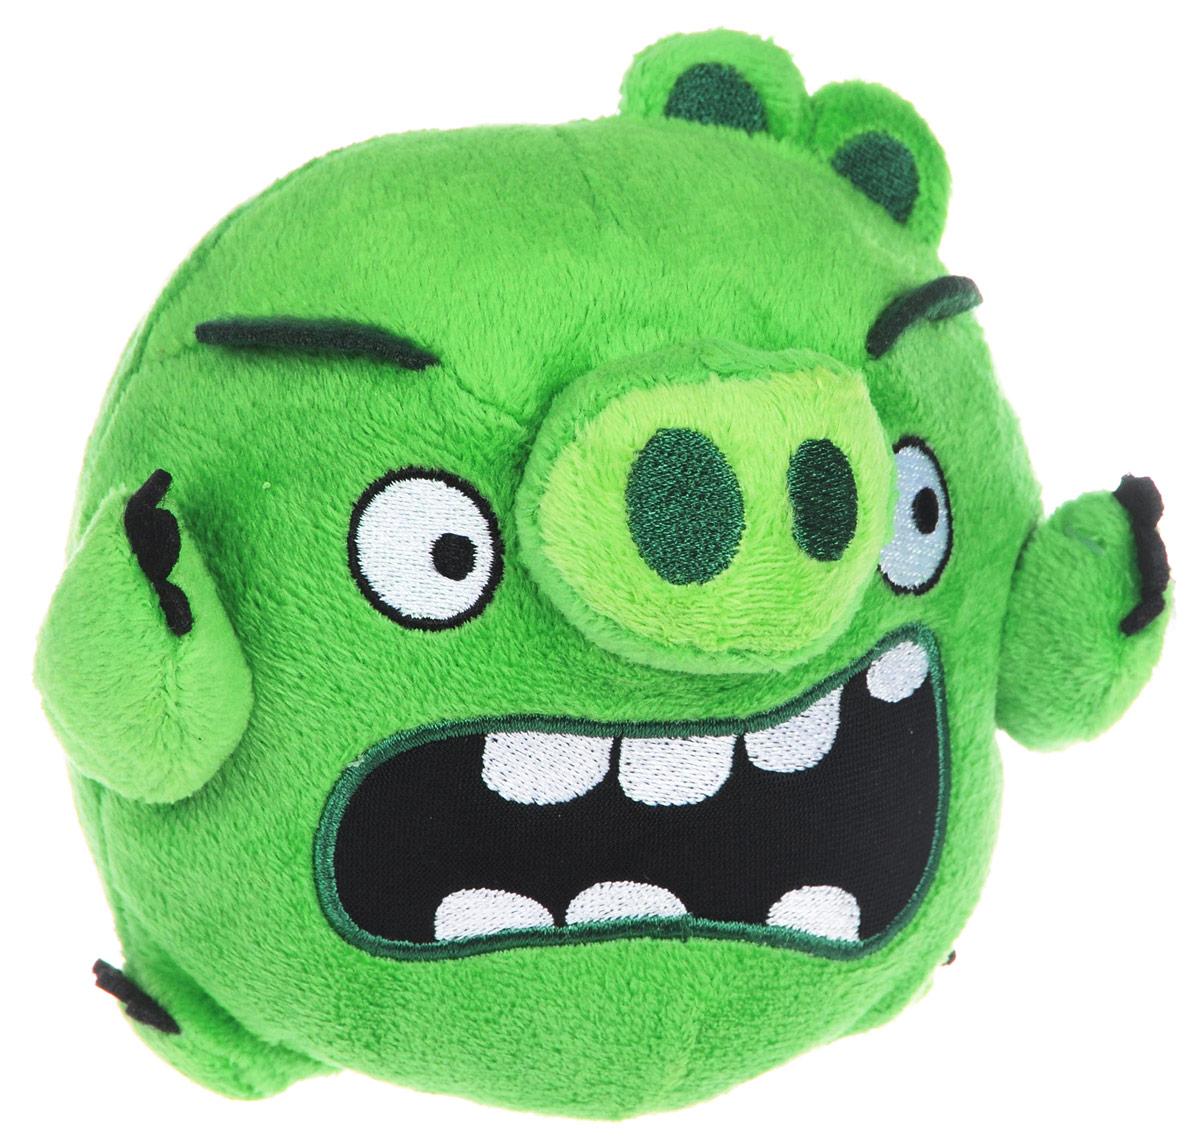 Angry Birds Мягкая игрушка Свинья 13 см90513_зелёныйAngry Birds - одна из самых популярных игр на мобильных устройствах. Яркие и запоминающиеся персонажи этой аркады уже давно полюбились многочисленным фанатам. Невероятно приятная на ощупь игрушка выполнена в виде главного злодея и отрицательного персонажа игры - зеленой свинки. Игрушка выполнена из качественных и безопасных материалов. Свинка обязательно порадует вас и вашего малыша.